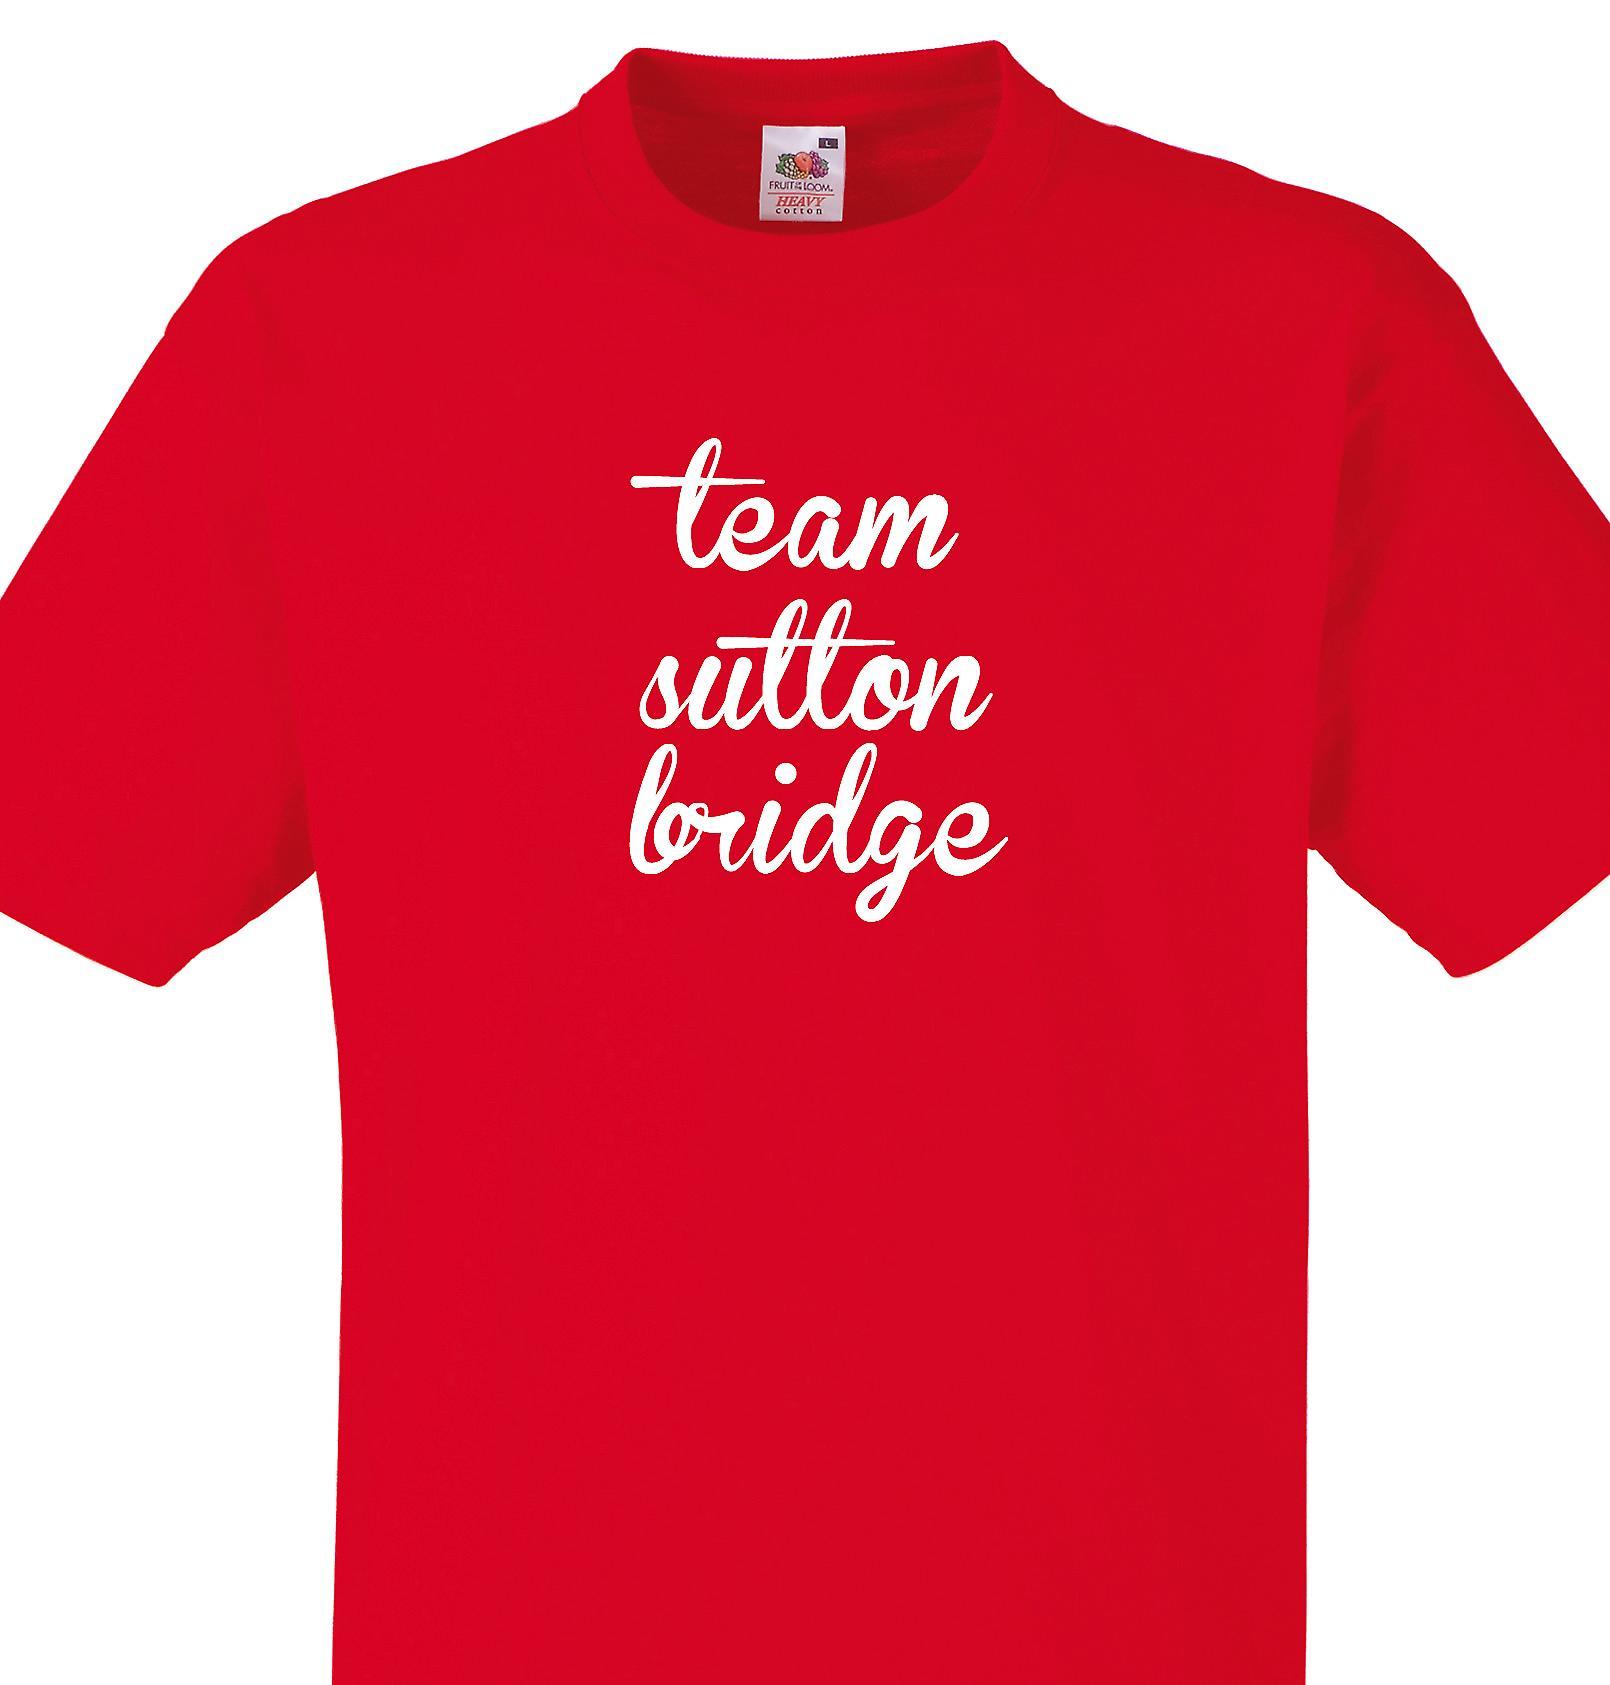 Team Sutton bridge Red T shirt